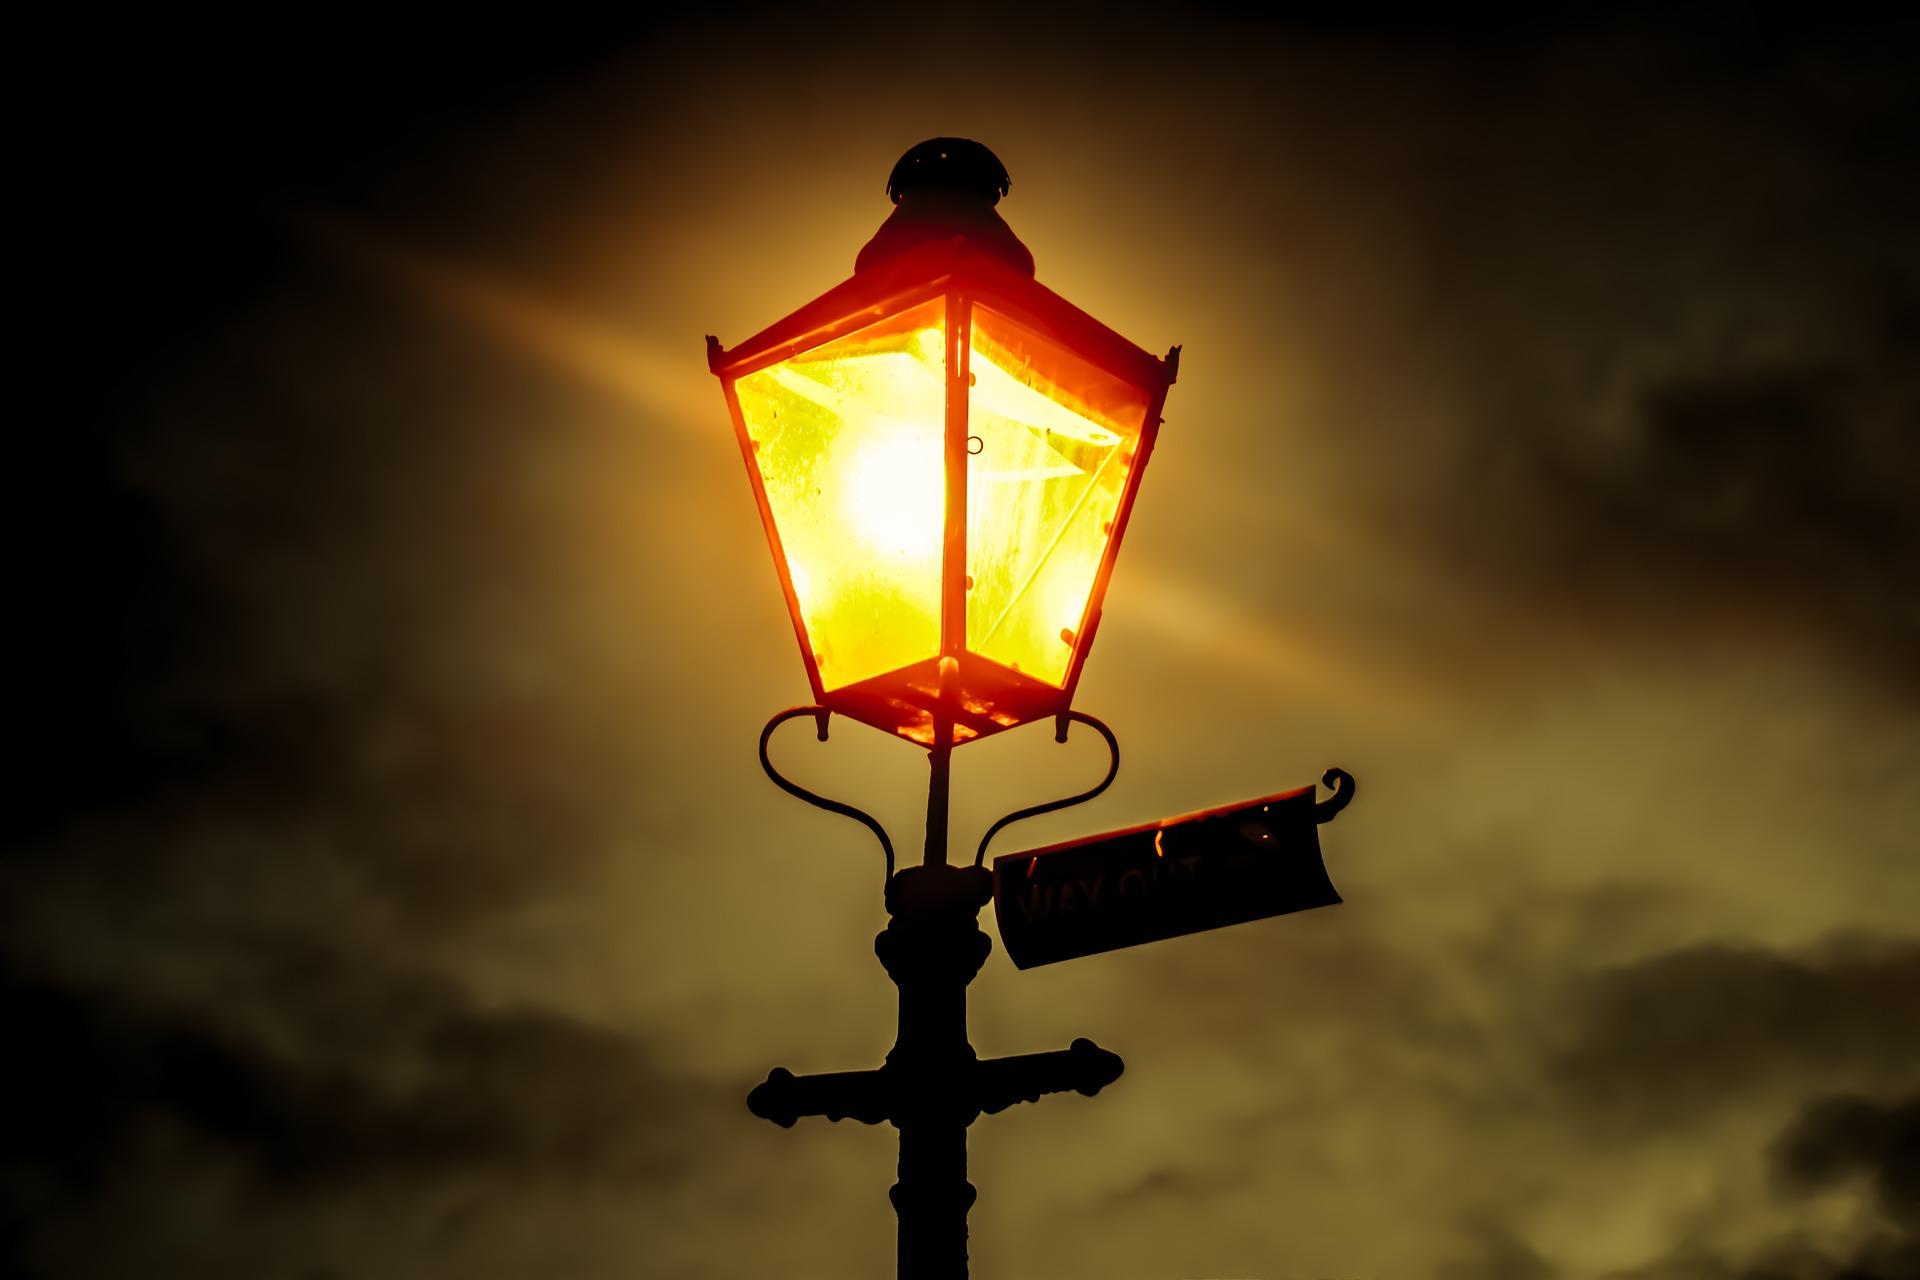 Luz para o meu caminho